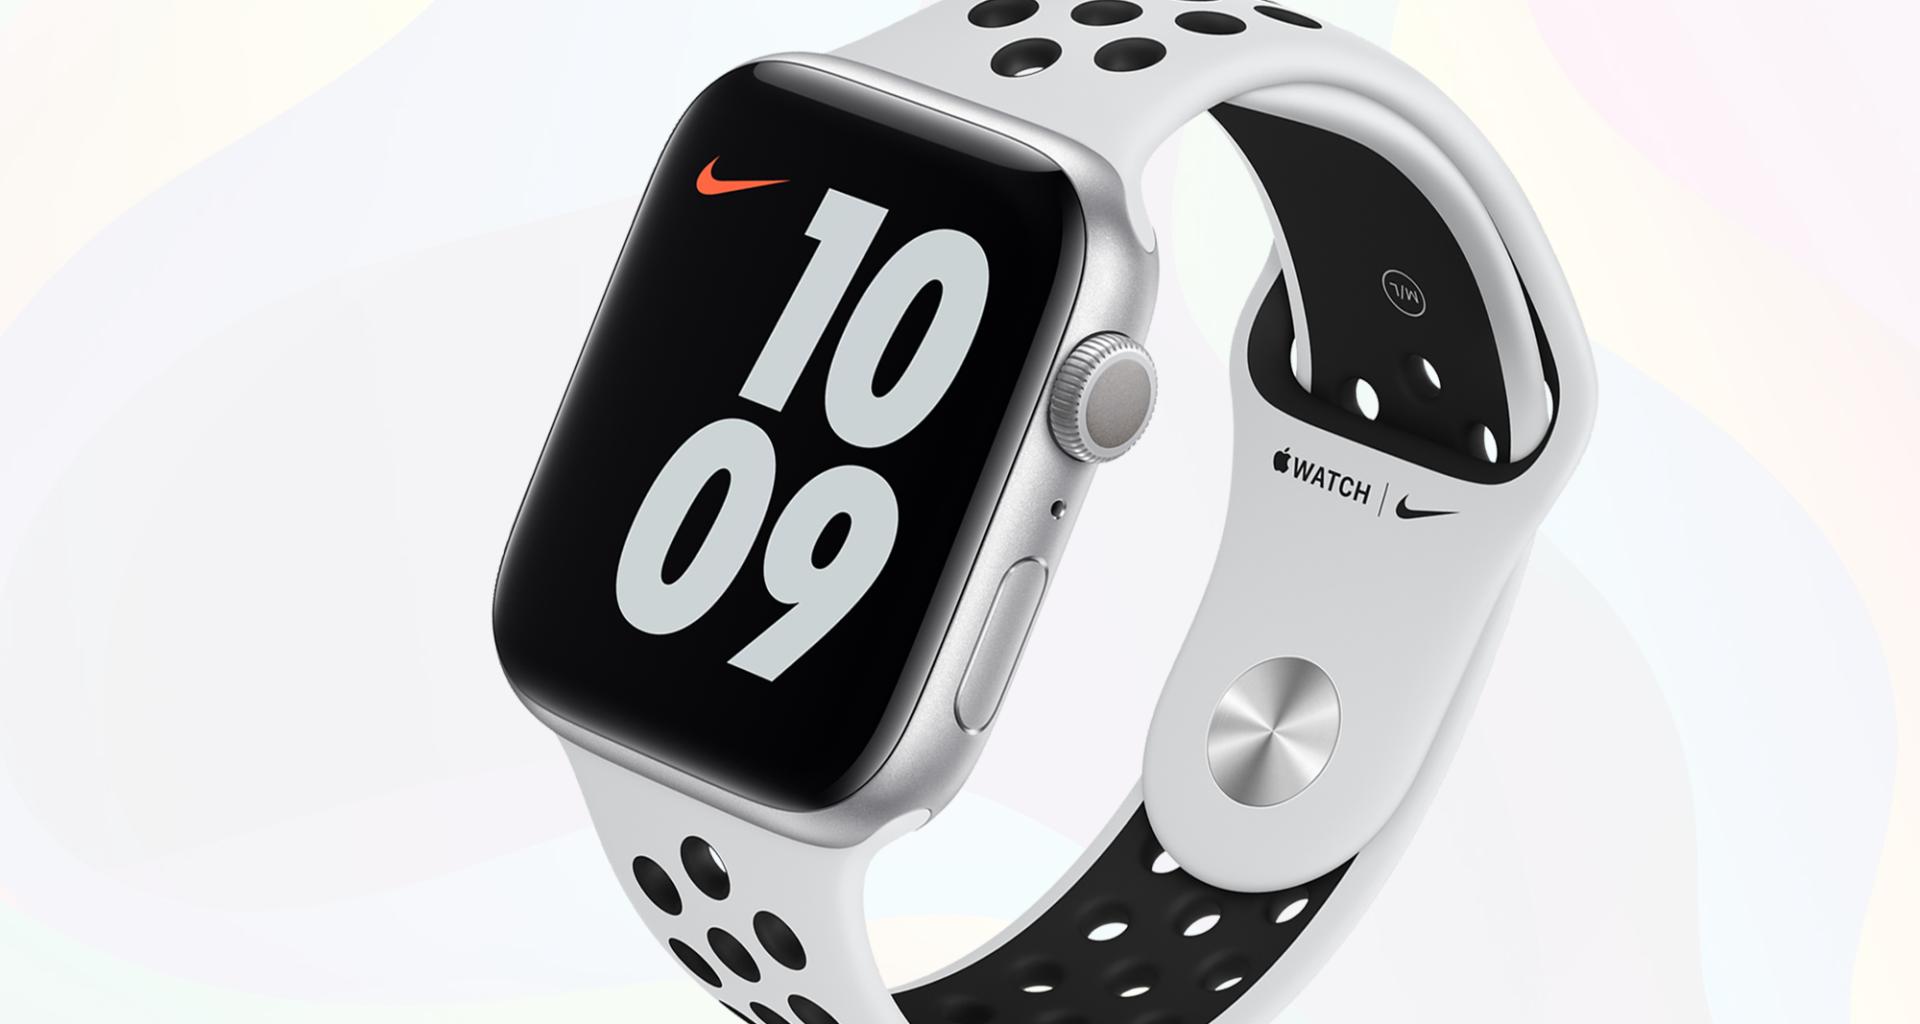 L'Apple Watch x Nike Series 6 est en promo aujourd'hui ! - www.heavybull.com